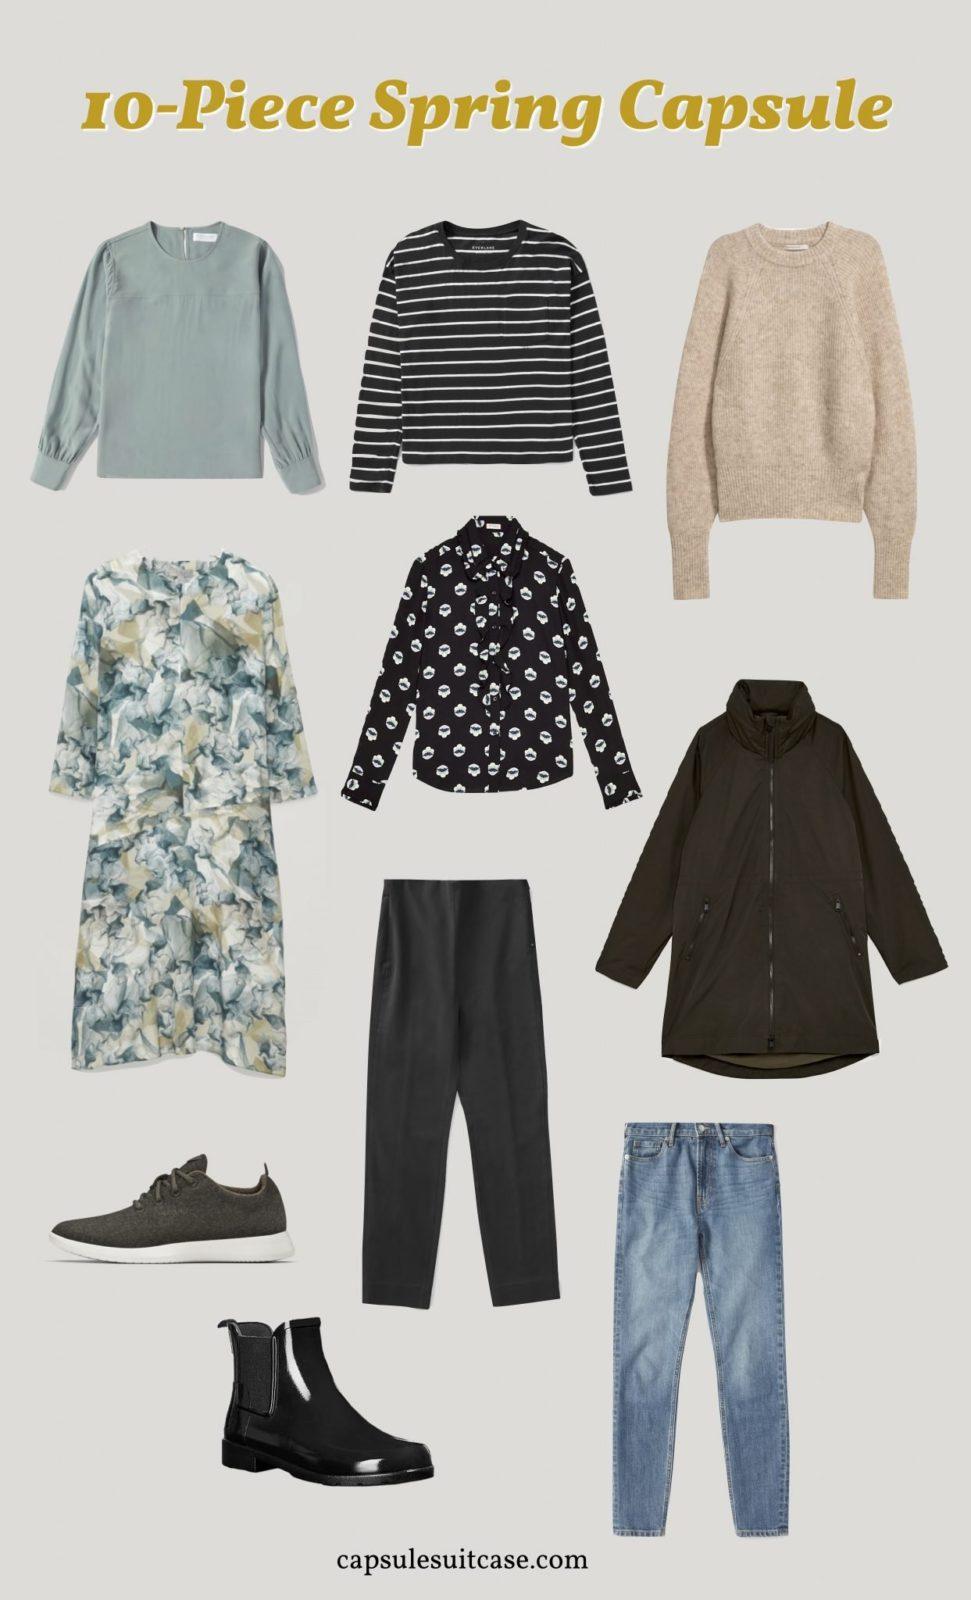 capsule wardrobe spring packing list